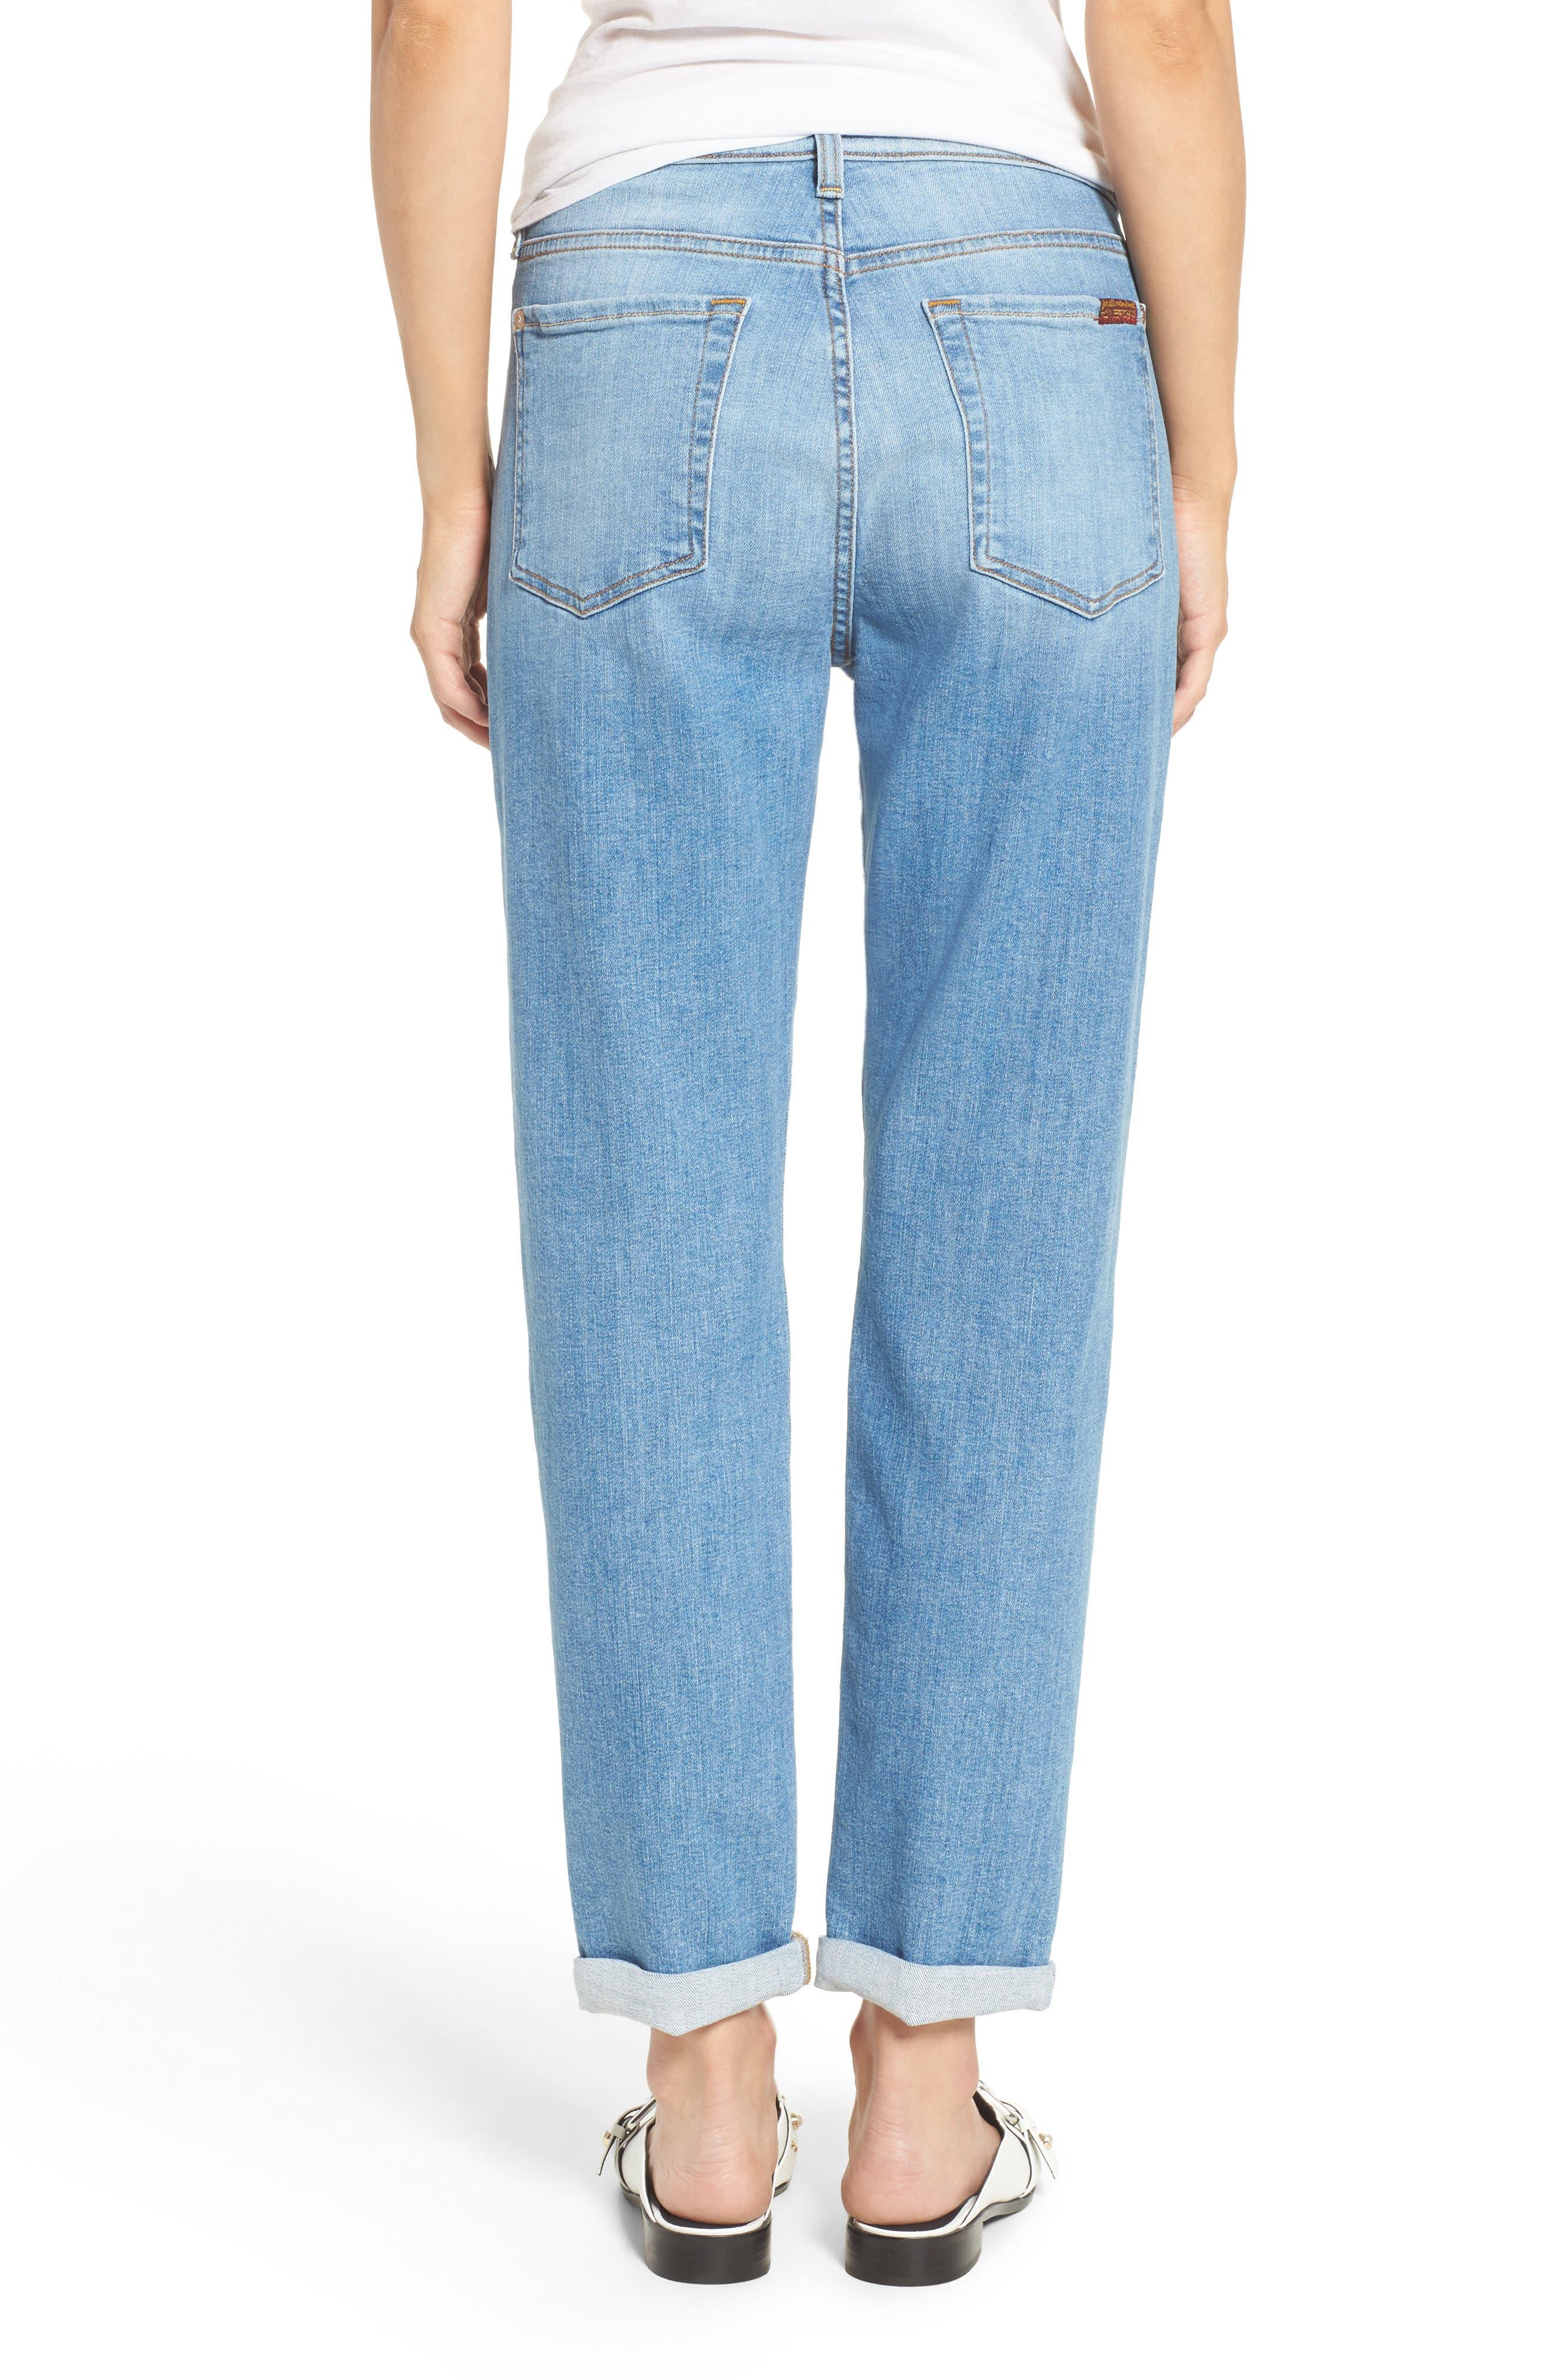 Josefina High Waist Crop Boyfriend Jeans,                             Alternate thumbnail 2, color,                             400